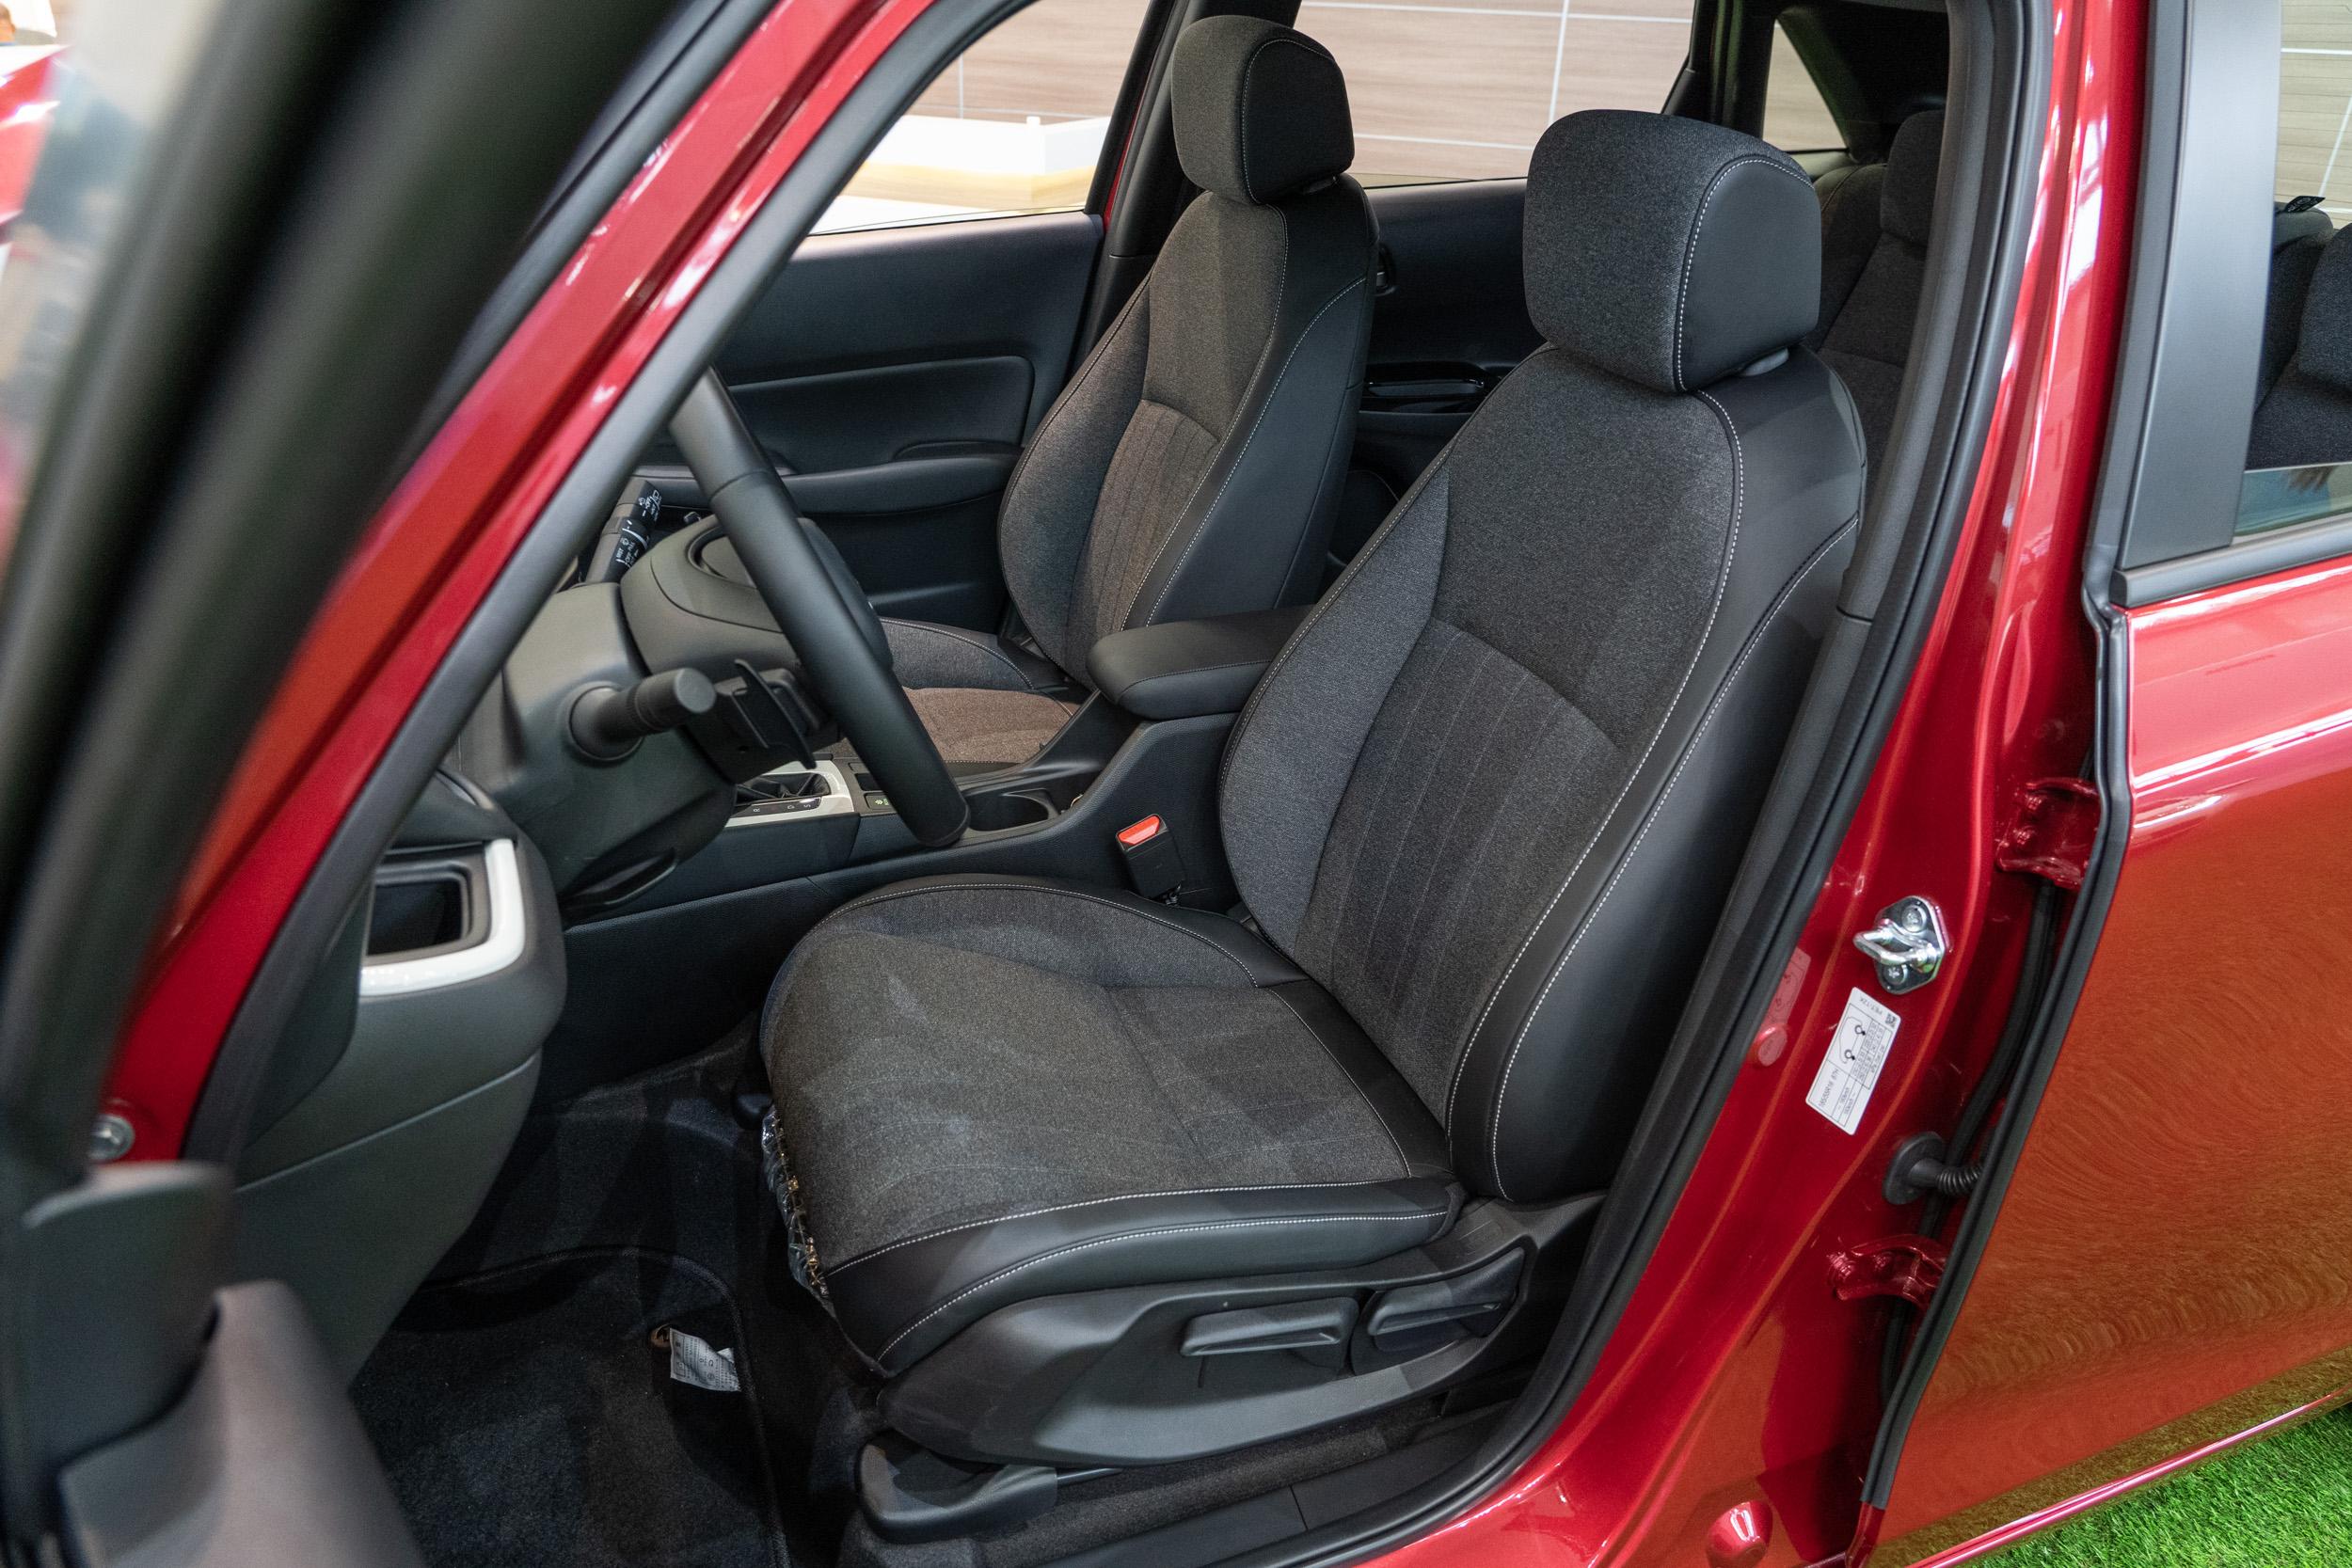 前座椅導入G-frame體坦舒壓座椅,可有效穩定骨架、減少乘坐壓力。